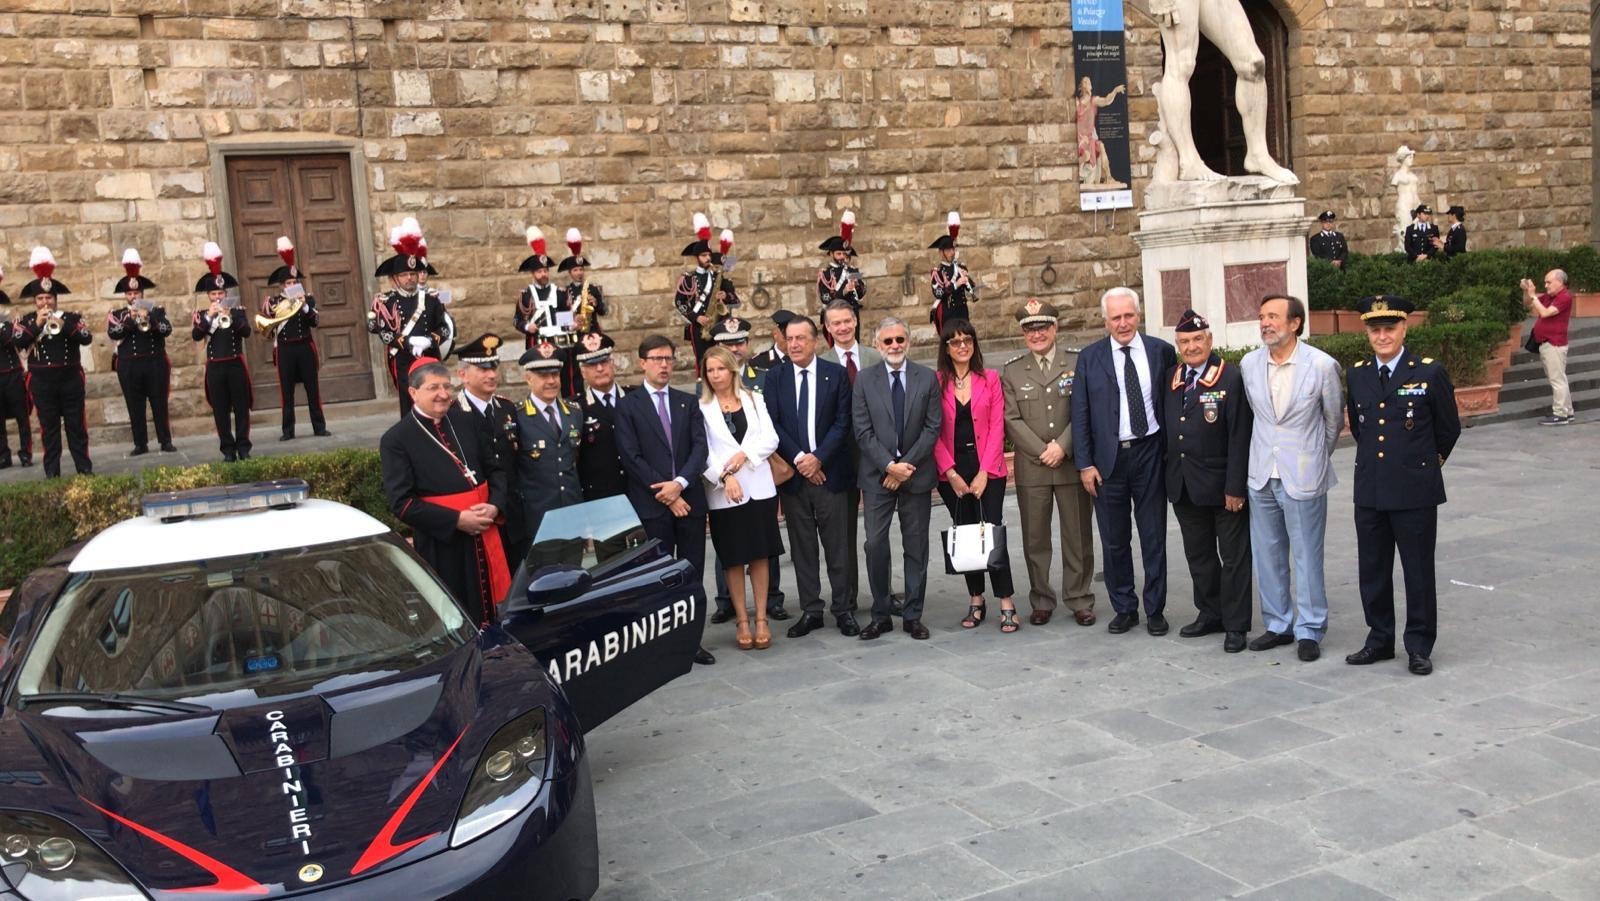 carabinieri Firenze e Luca Milnai